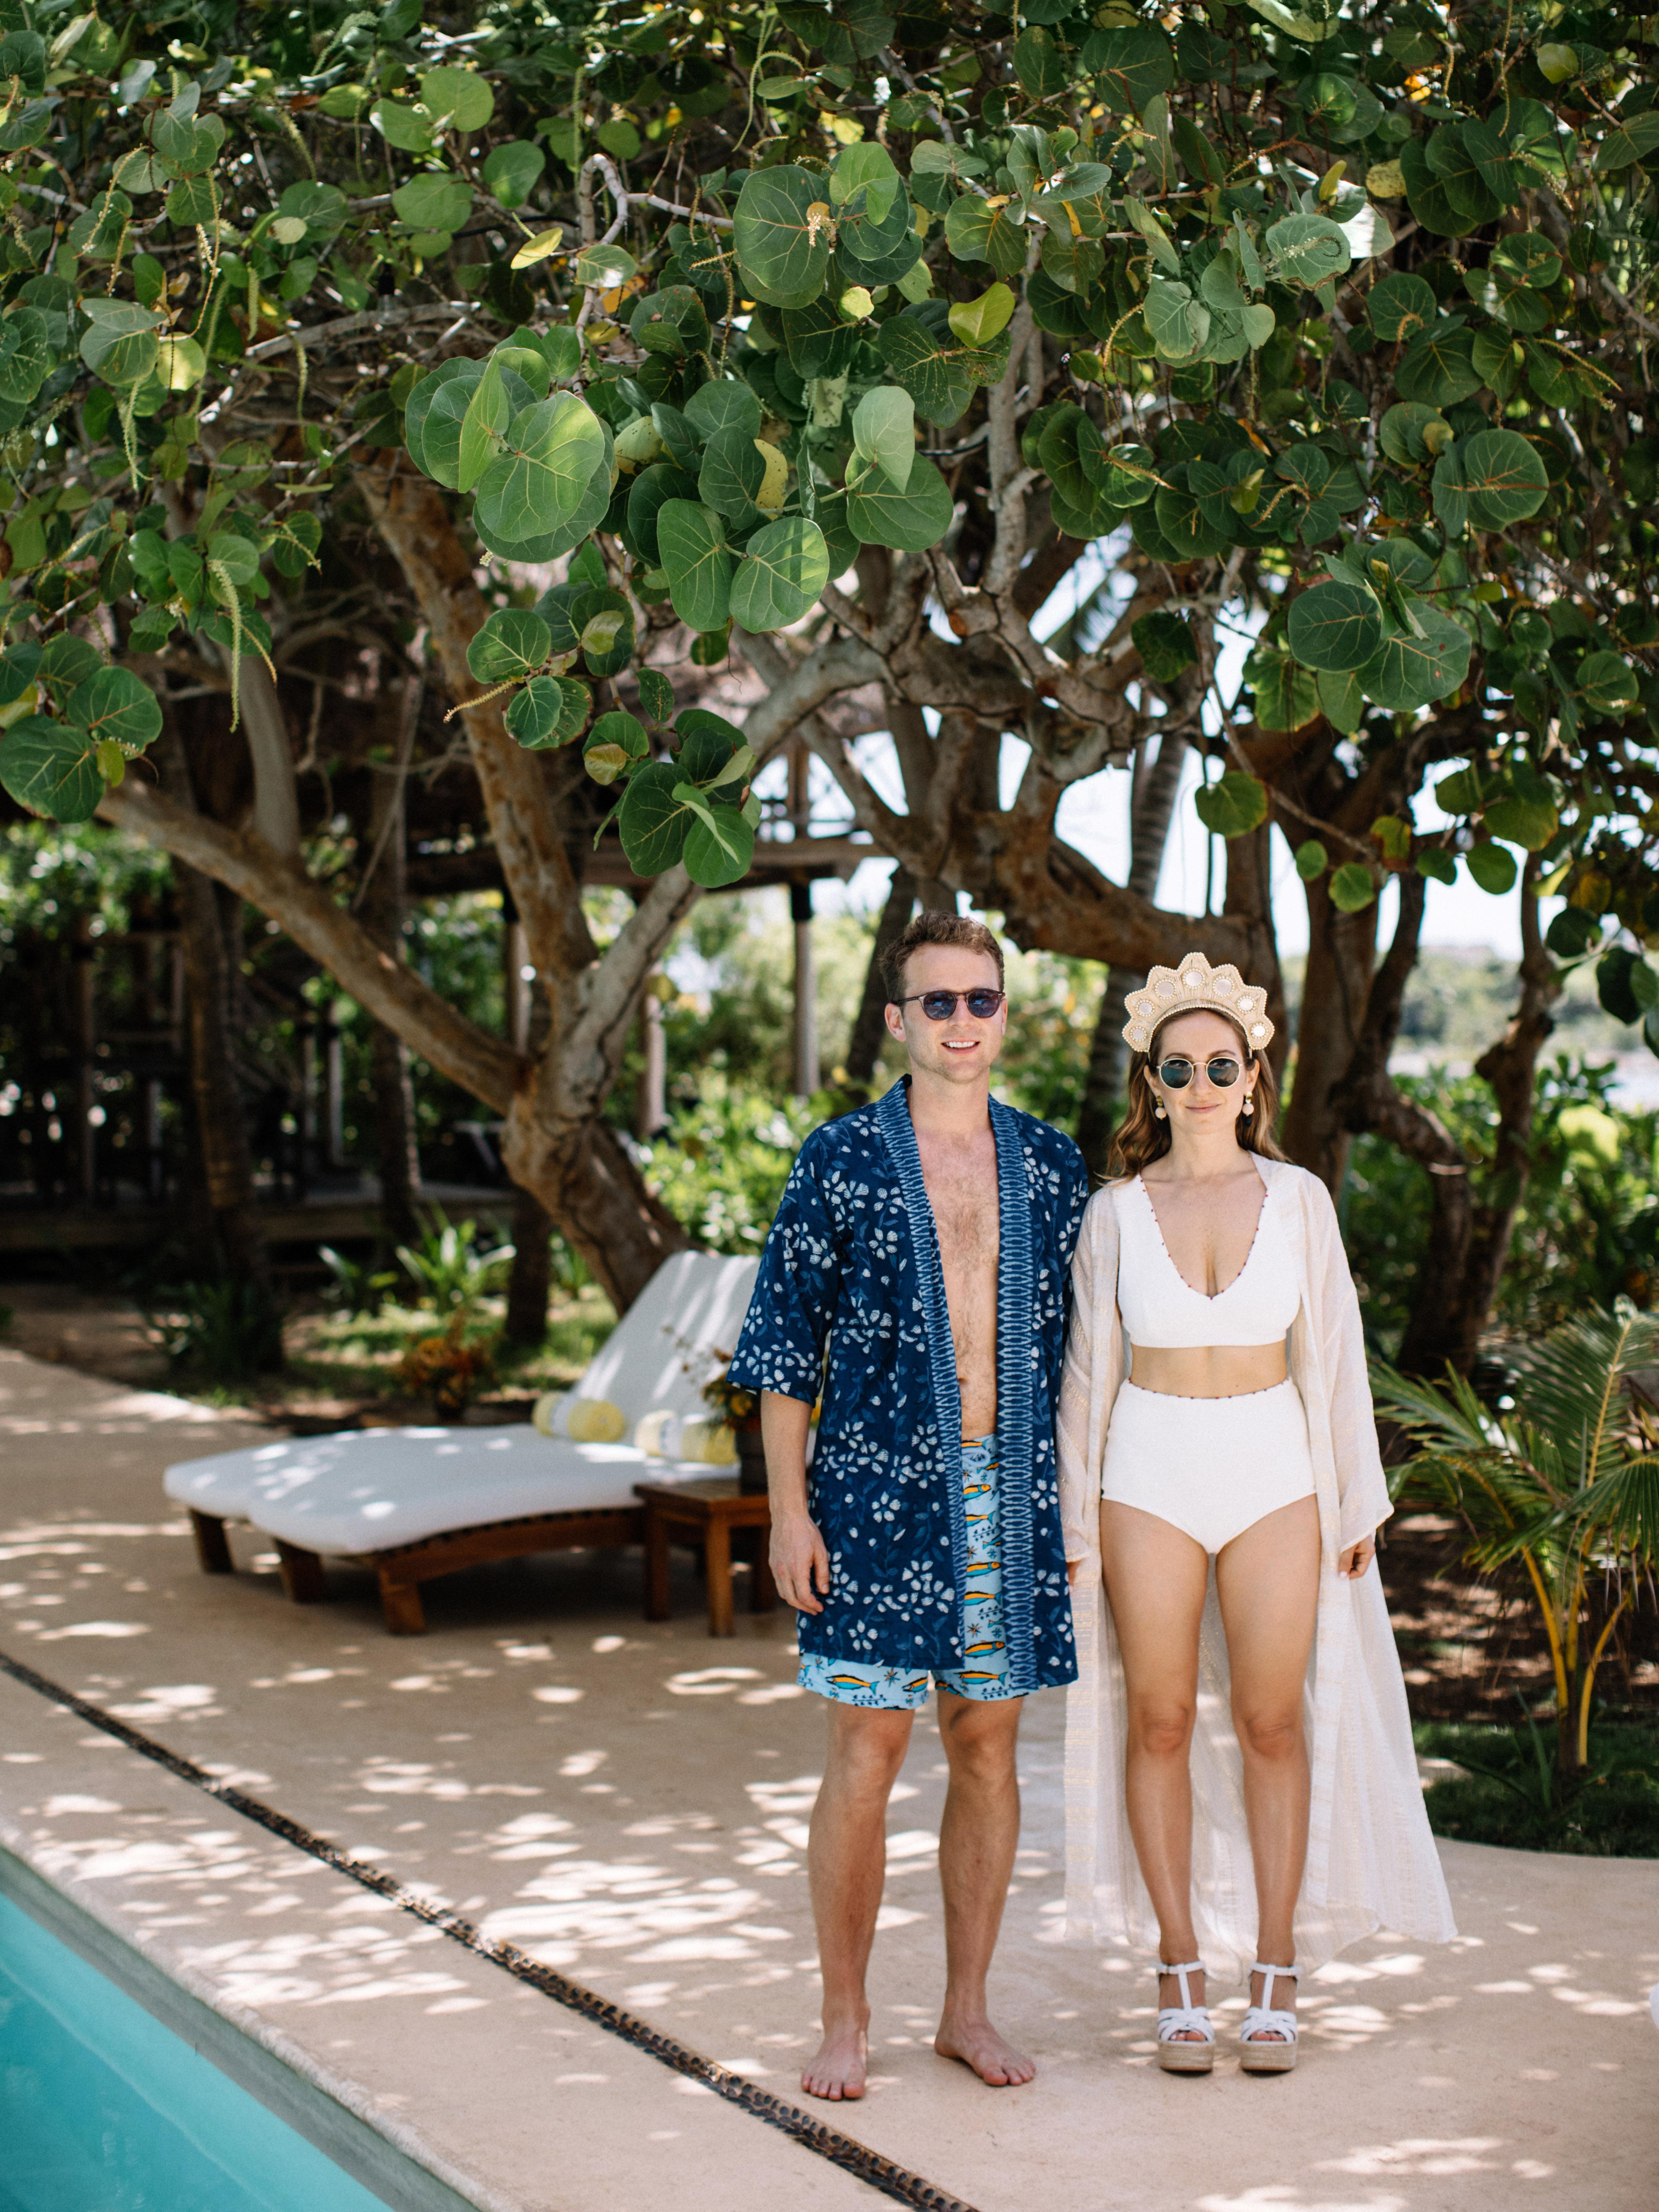 ariel trevor wedding tulum mexico pool party bride groom